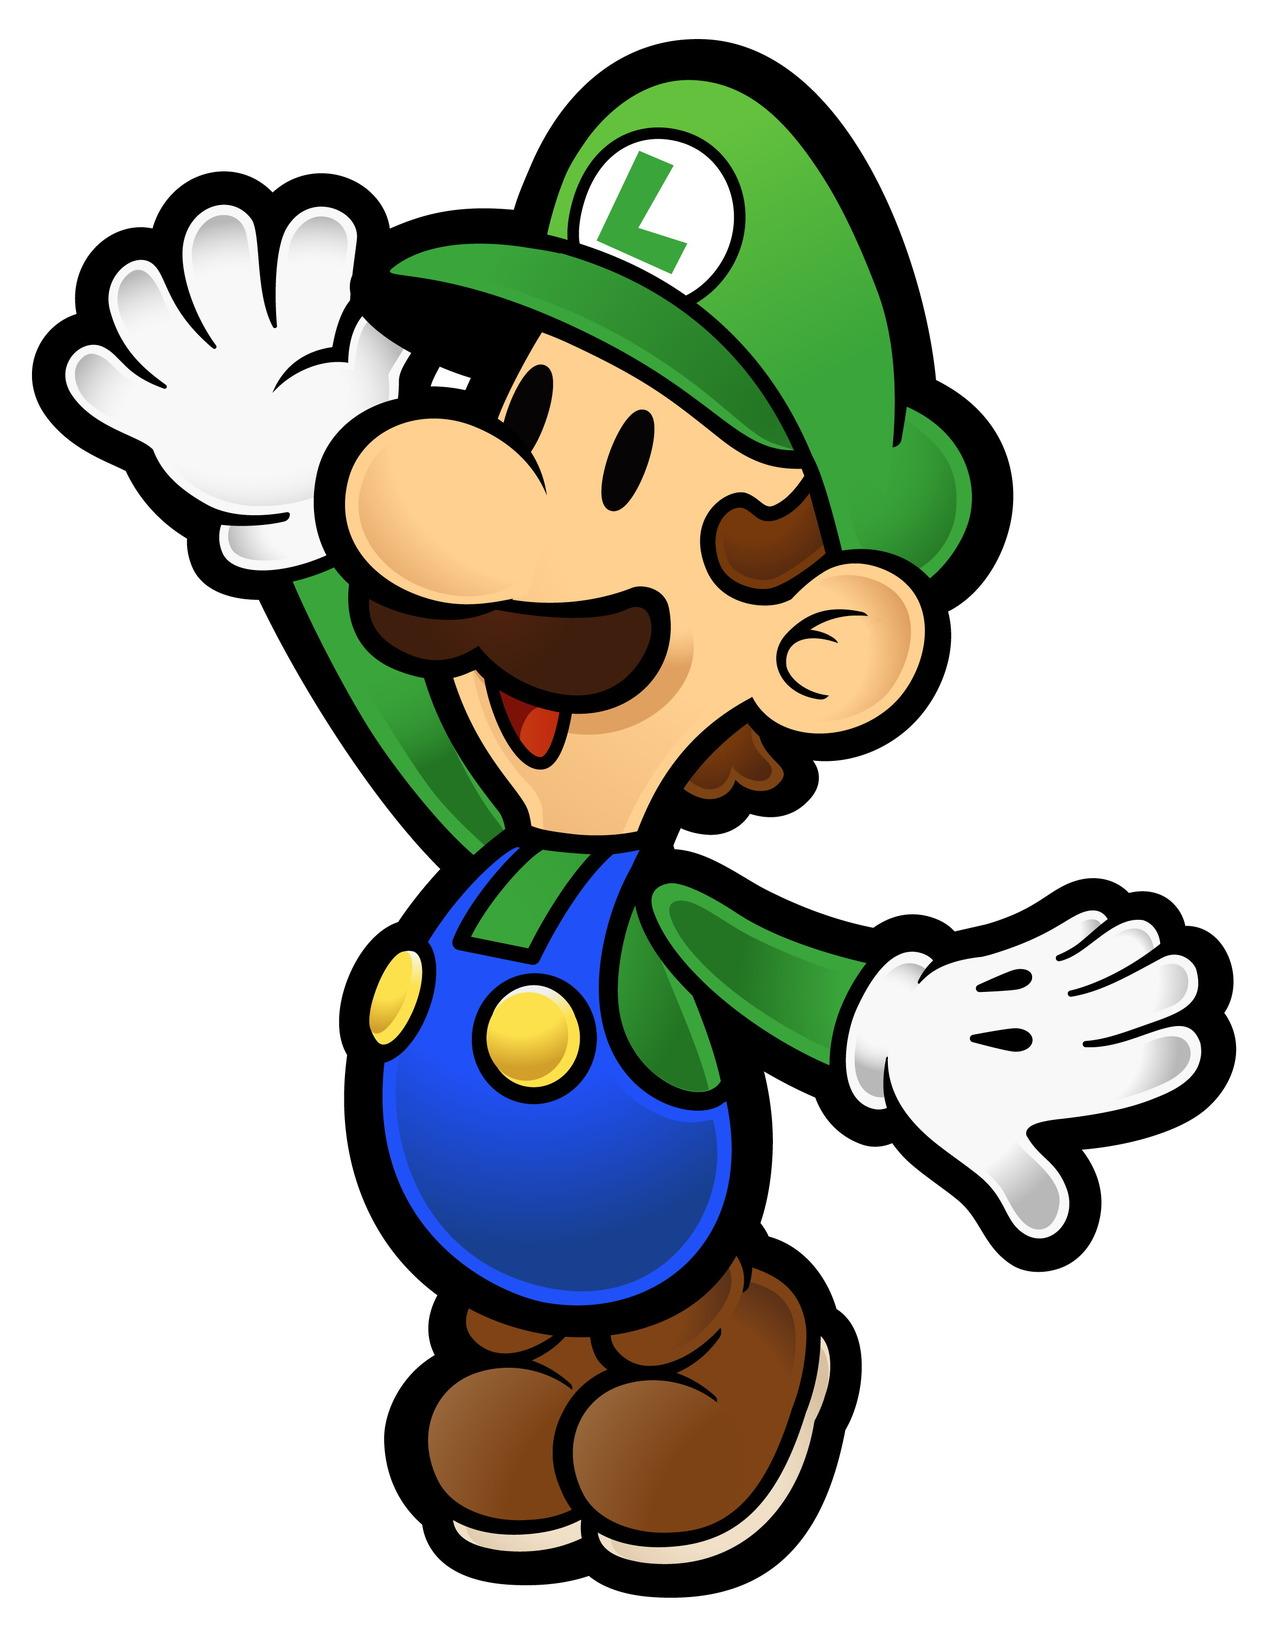 jeuxvideo.com Super Paper Mario - Wii Image 263 sur 298